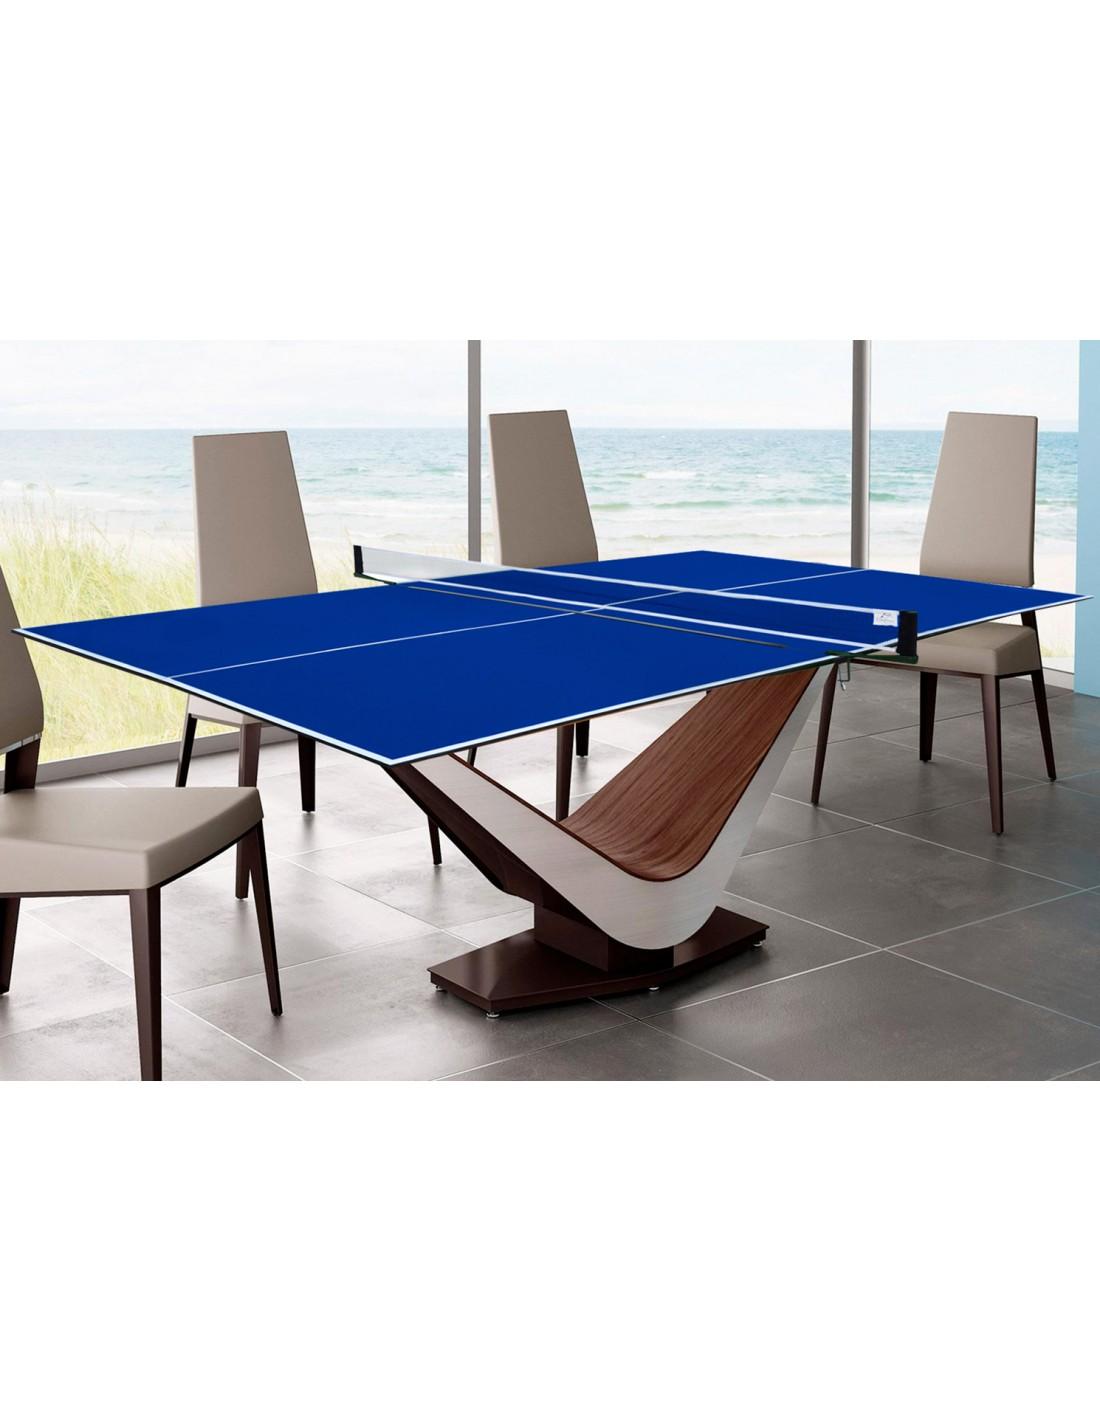 Table De Ping Pong Transformable table de ping pong pliable baa2cd64 - banphotphisai